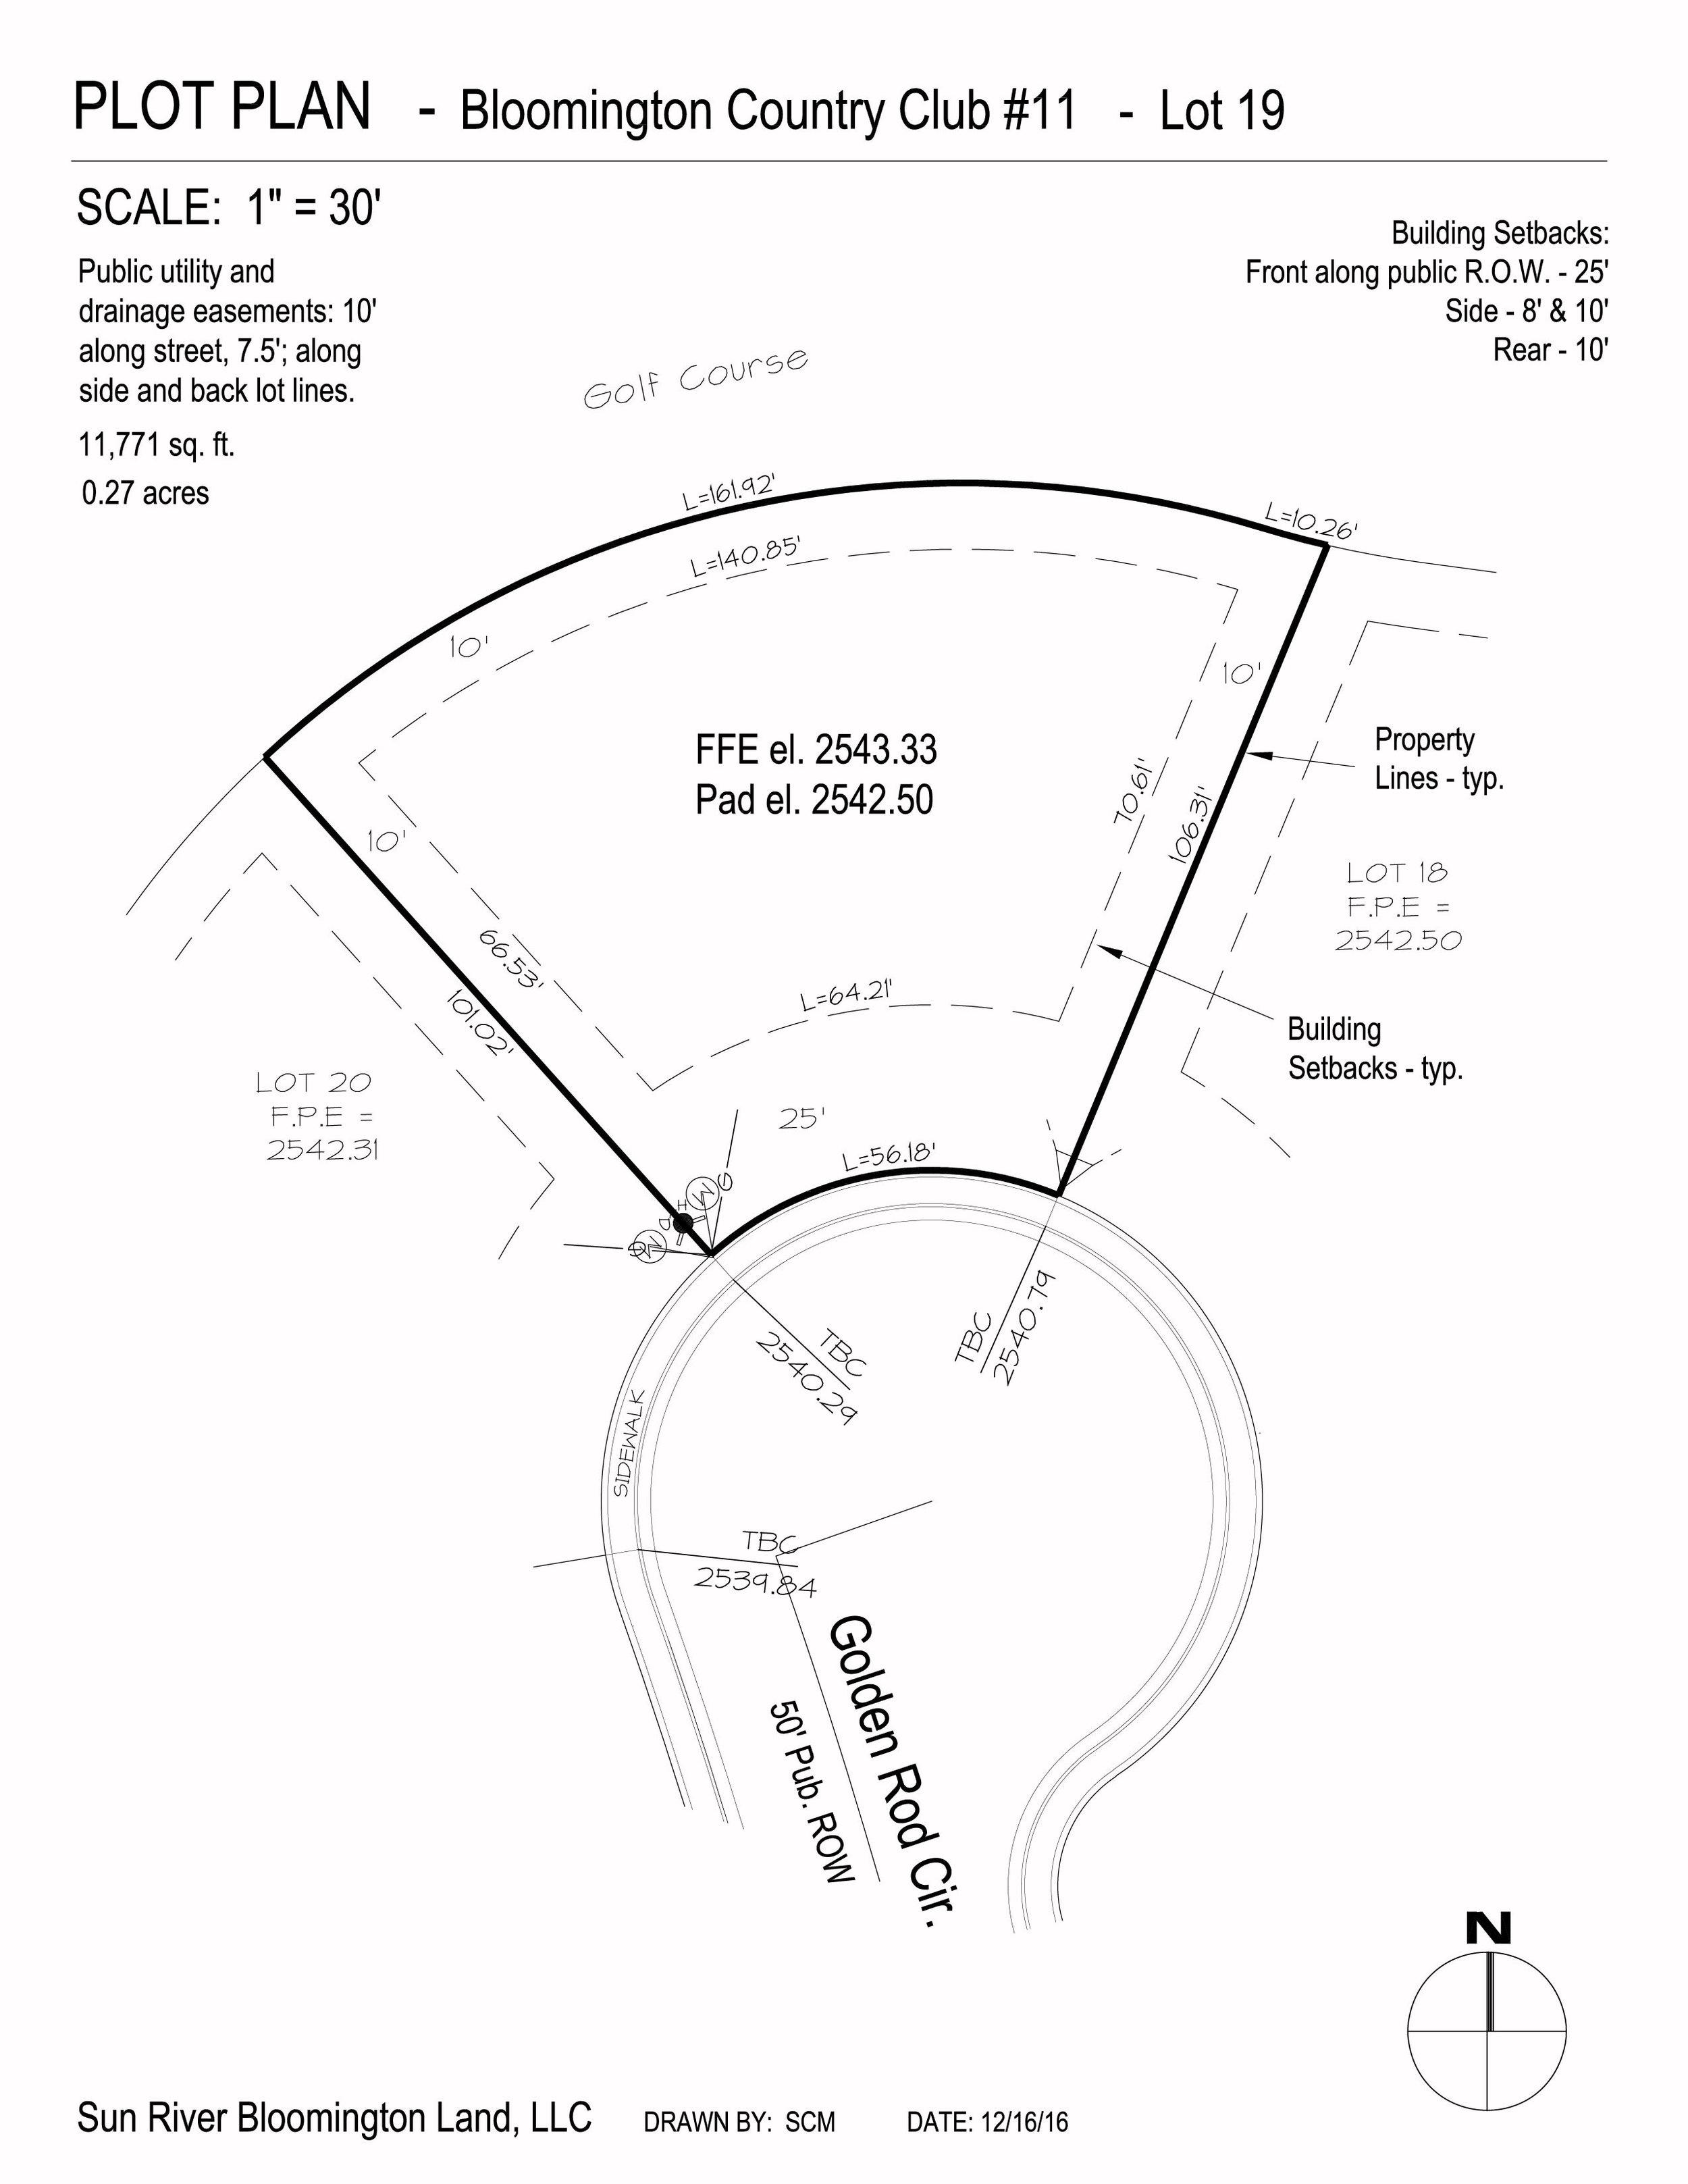 hamblin plot plans-19.jpg